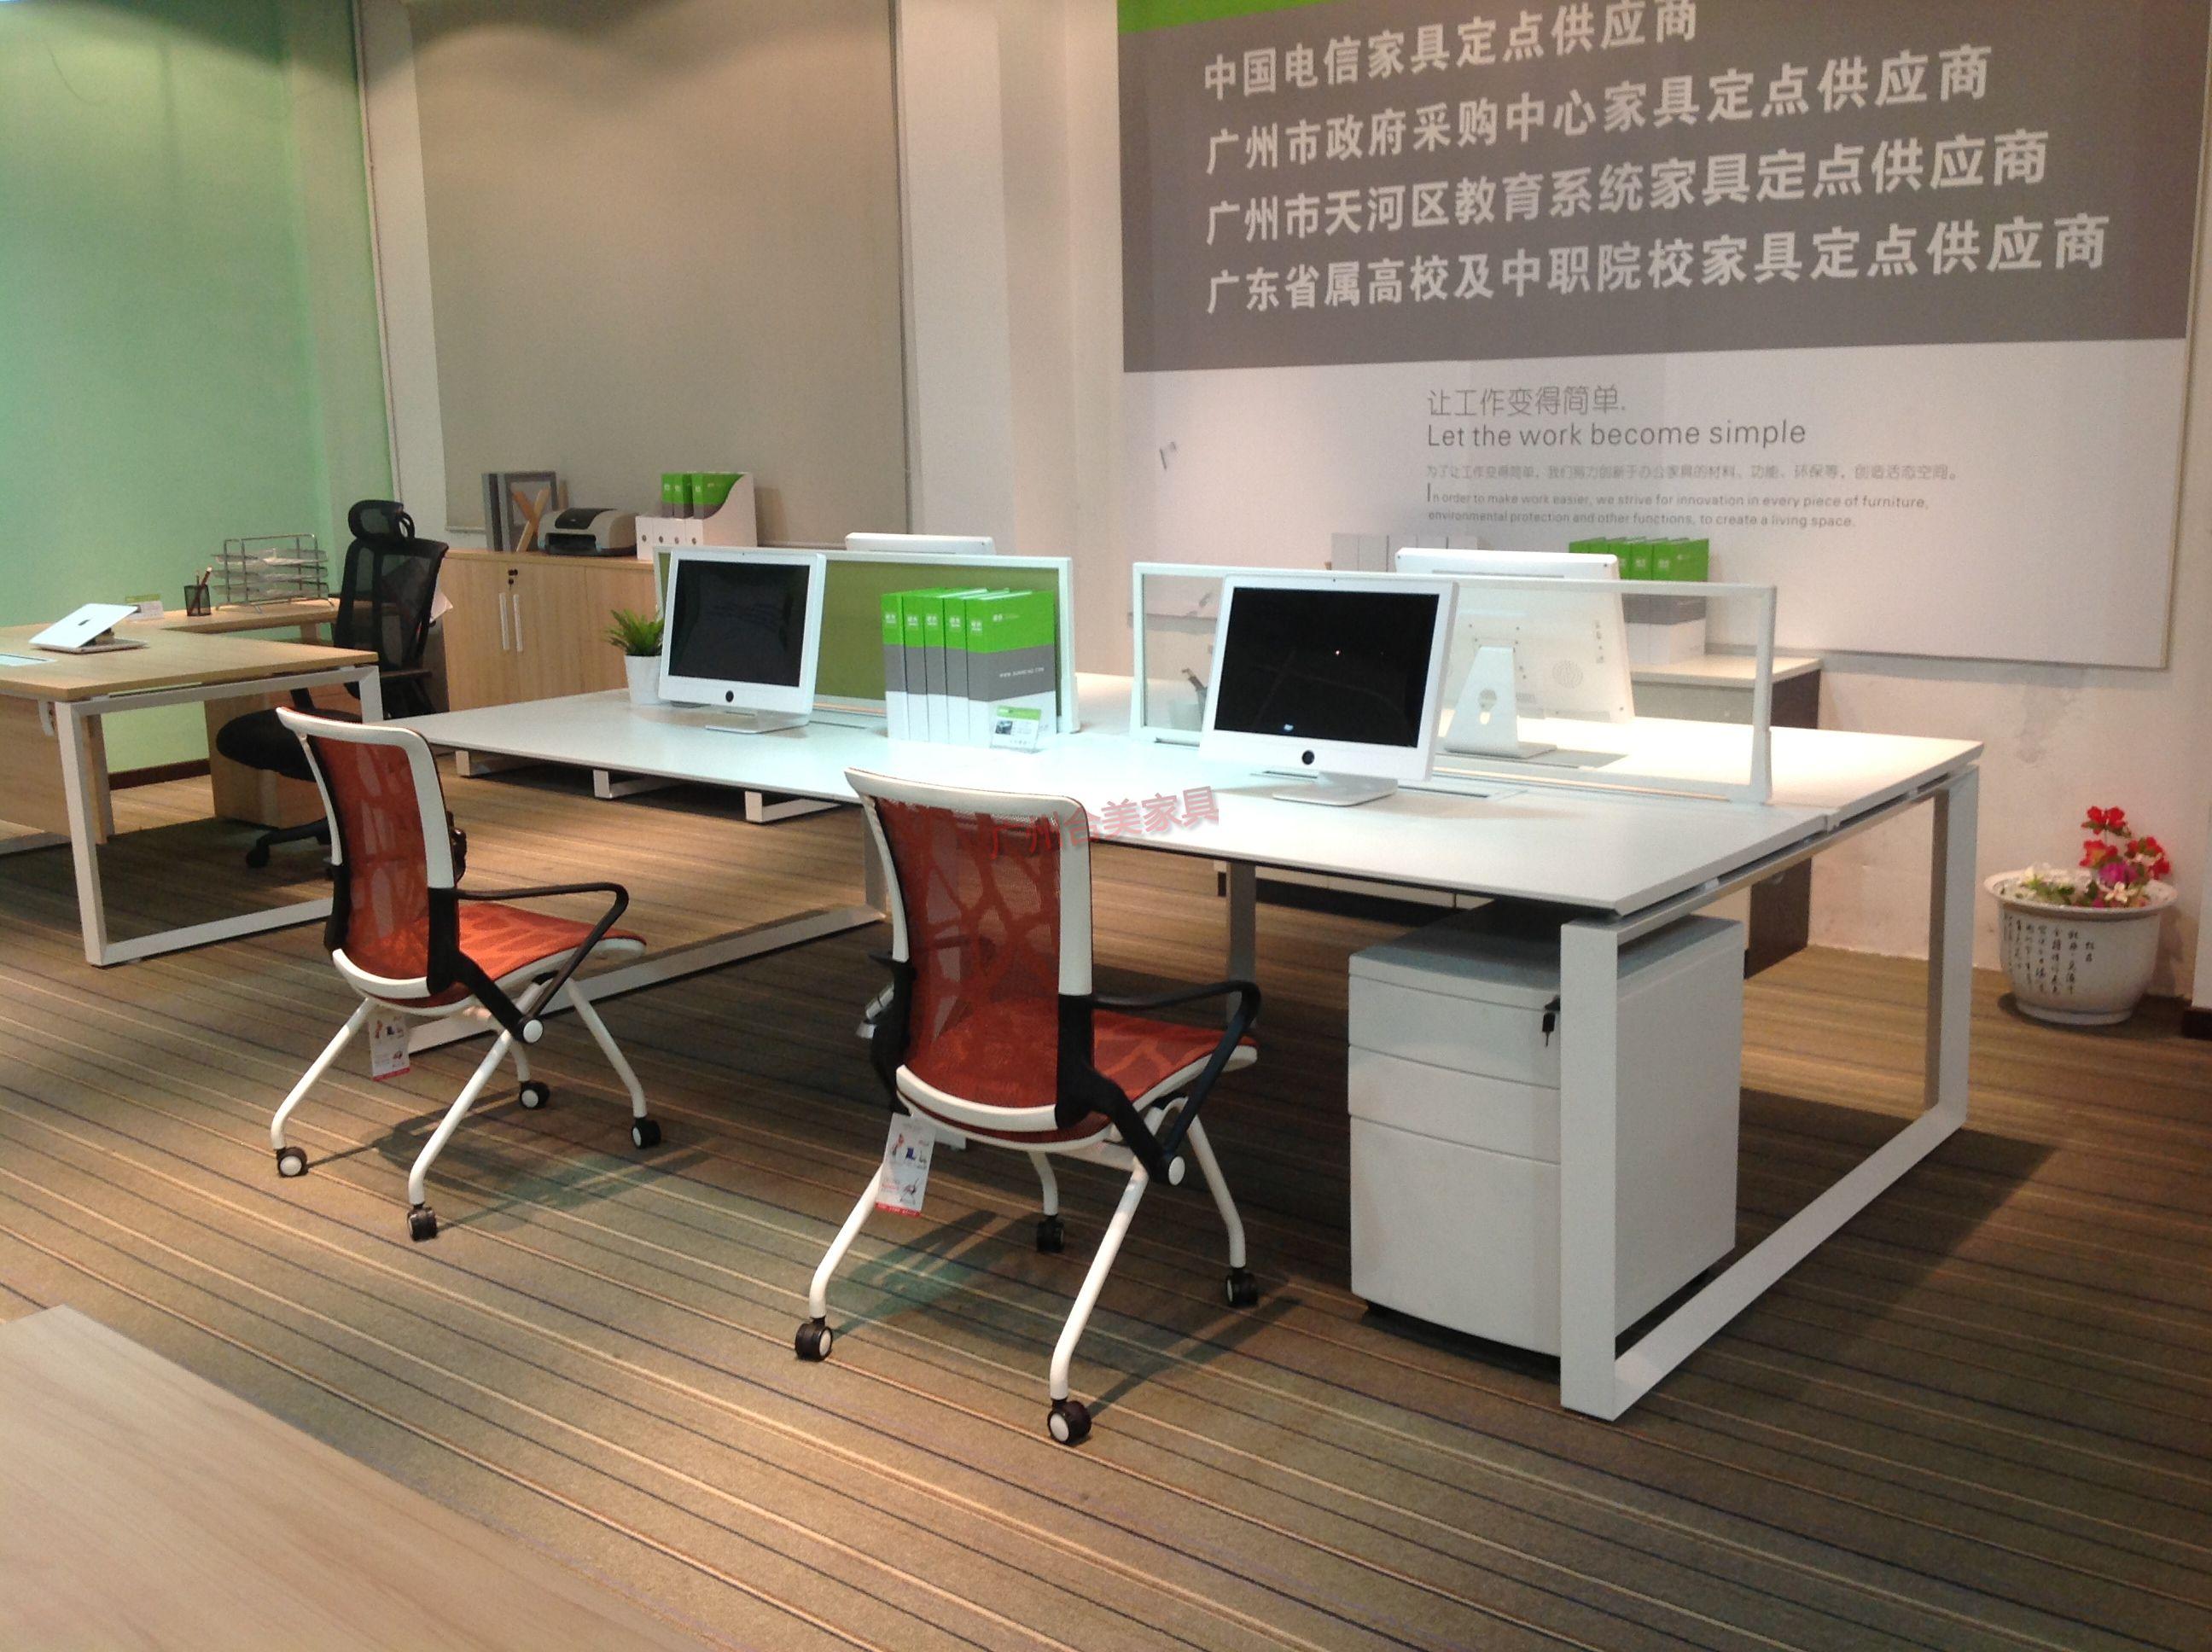 合美屏風桌辦公家具公司擁有著一支專業的研發隊伍,合美的技術管理中心被政府首家授予合美屏風桌辦公家具工程技 術研究開發中心的稱號。我們每年自主研發大批功能新穎、具備專利保護的產品,深得合作伙伴的認同和支持。同時,公 司已是國家高新技術企業。合美屏風桌辦公家具公司作為制造業,擁有技術創新就等于擁有了核心競爭力。